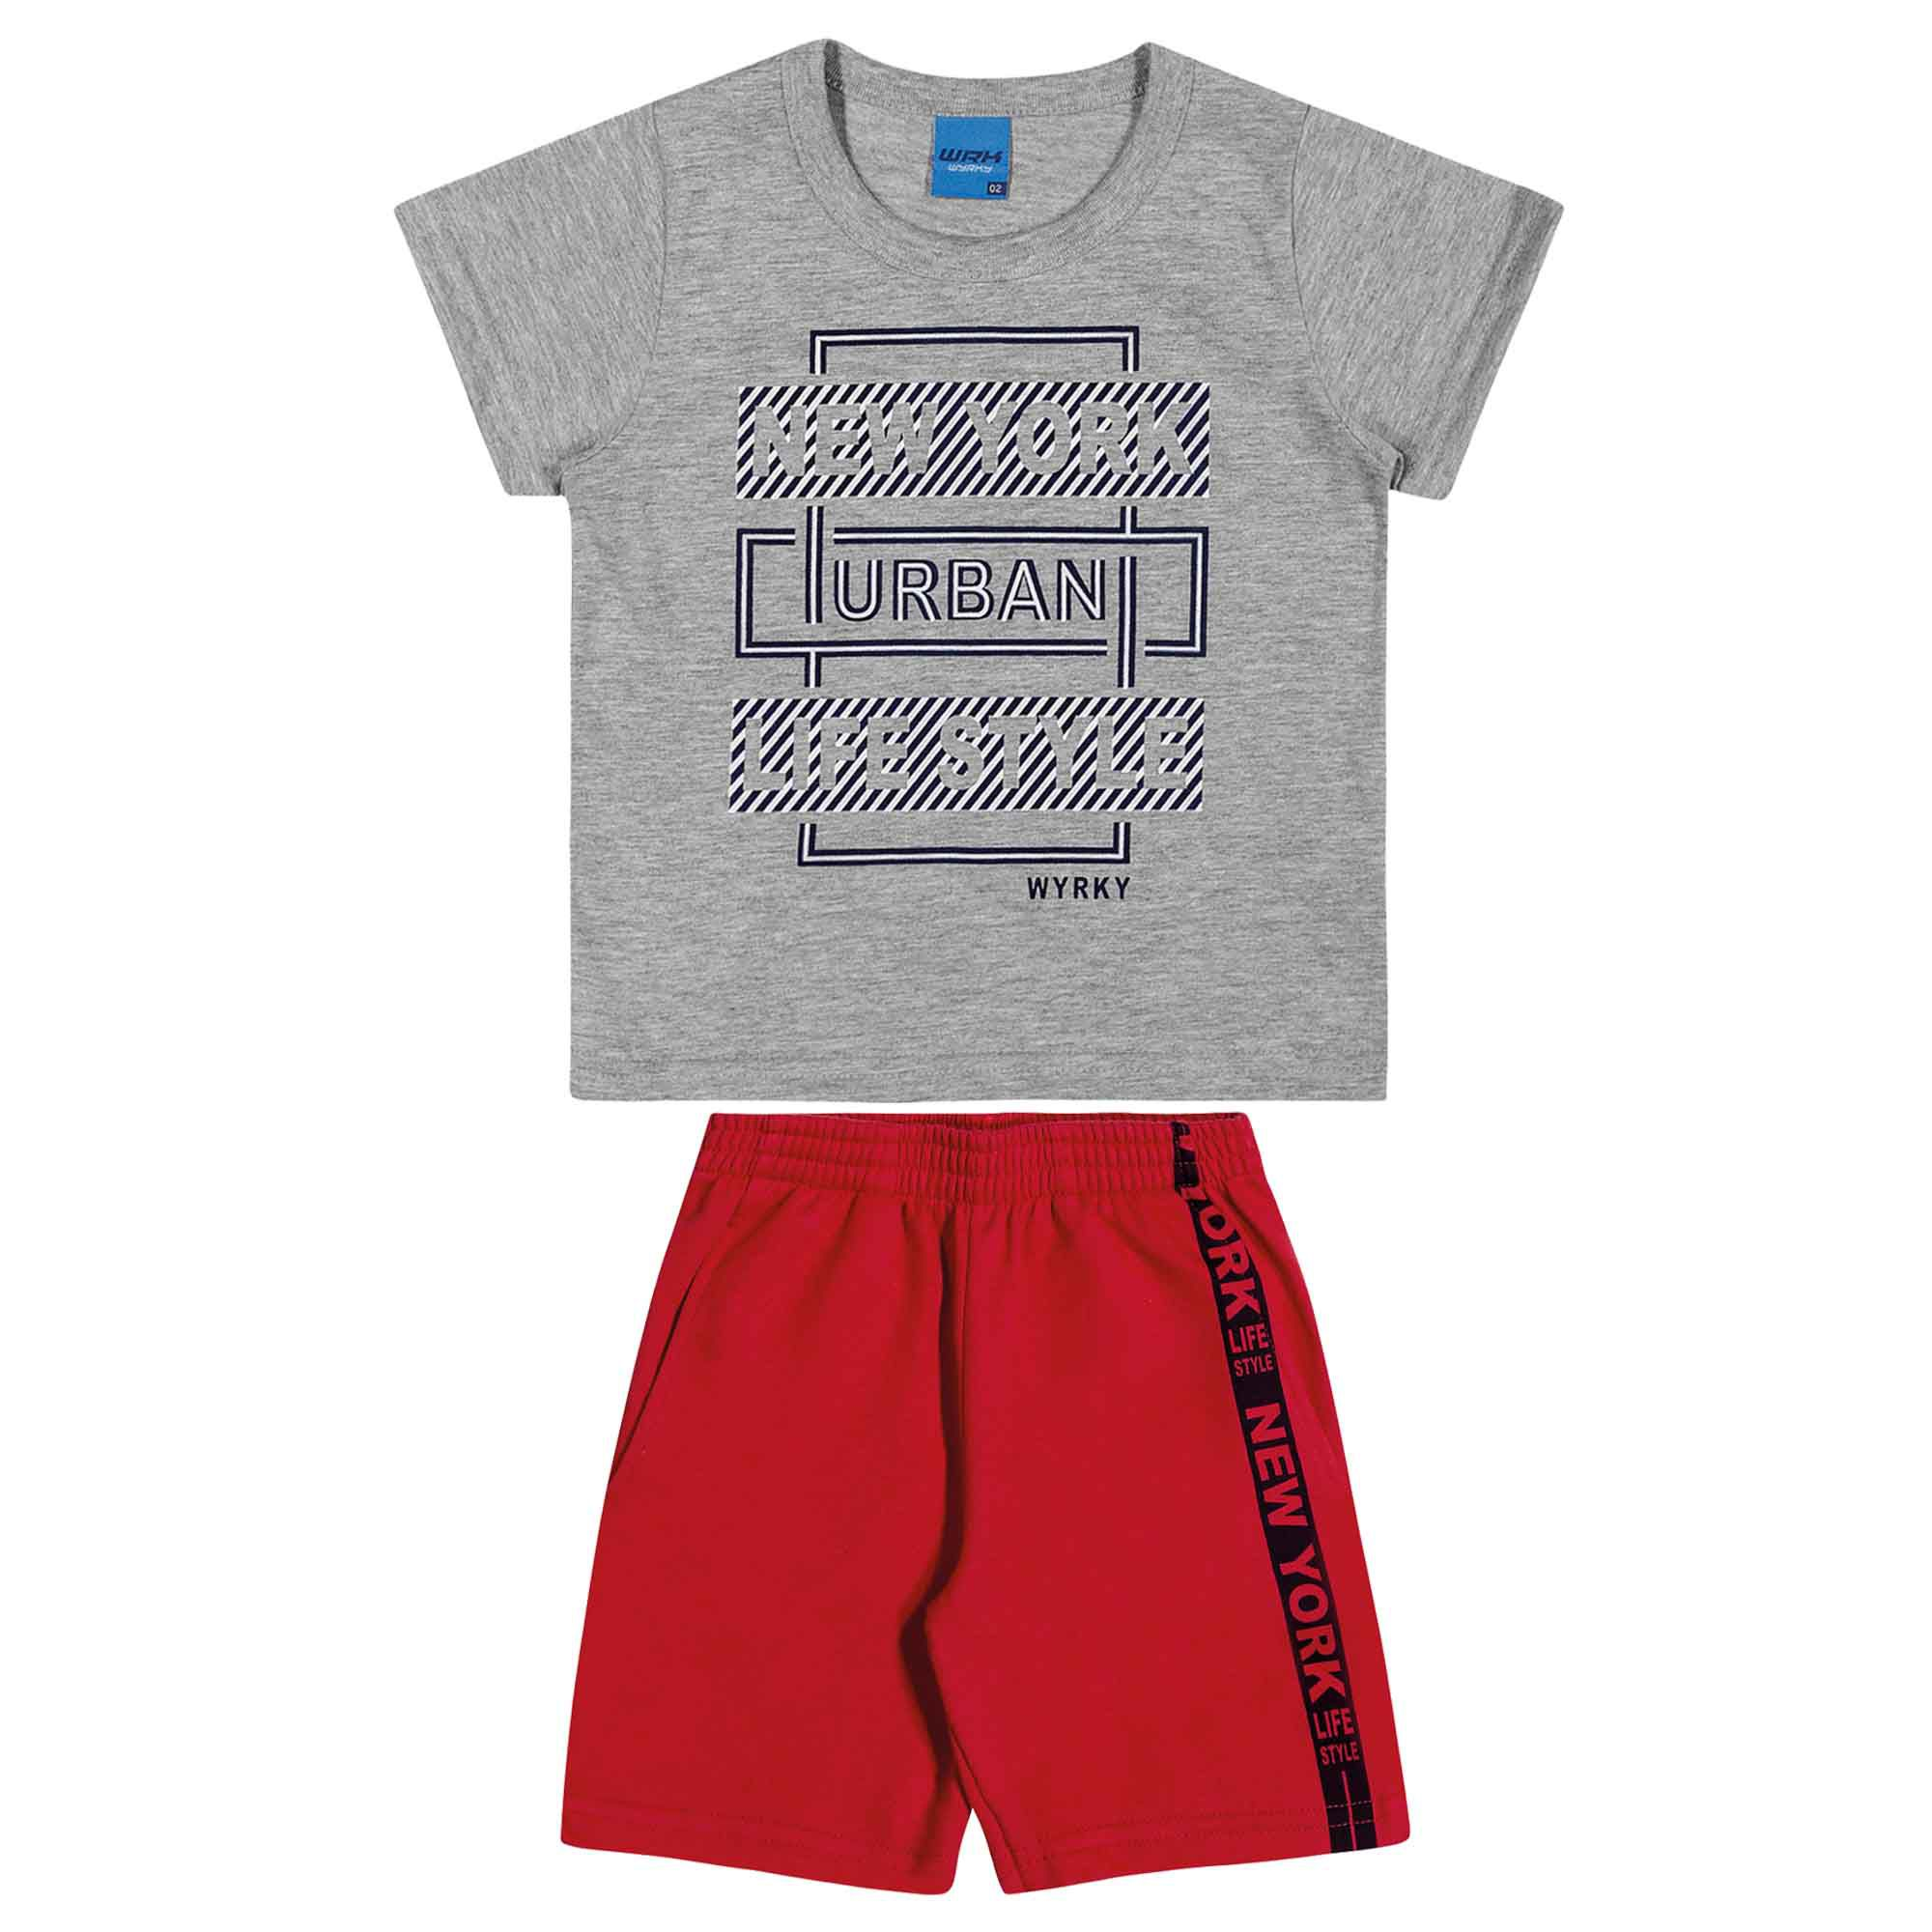 Conjunto Verão Romitex Wyrky New York Urban Life Style - 1 ao 3